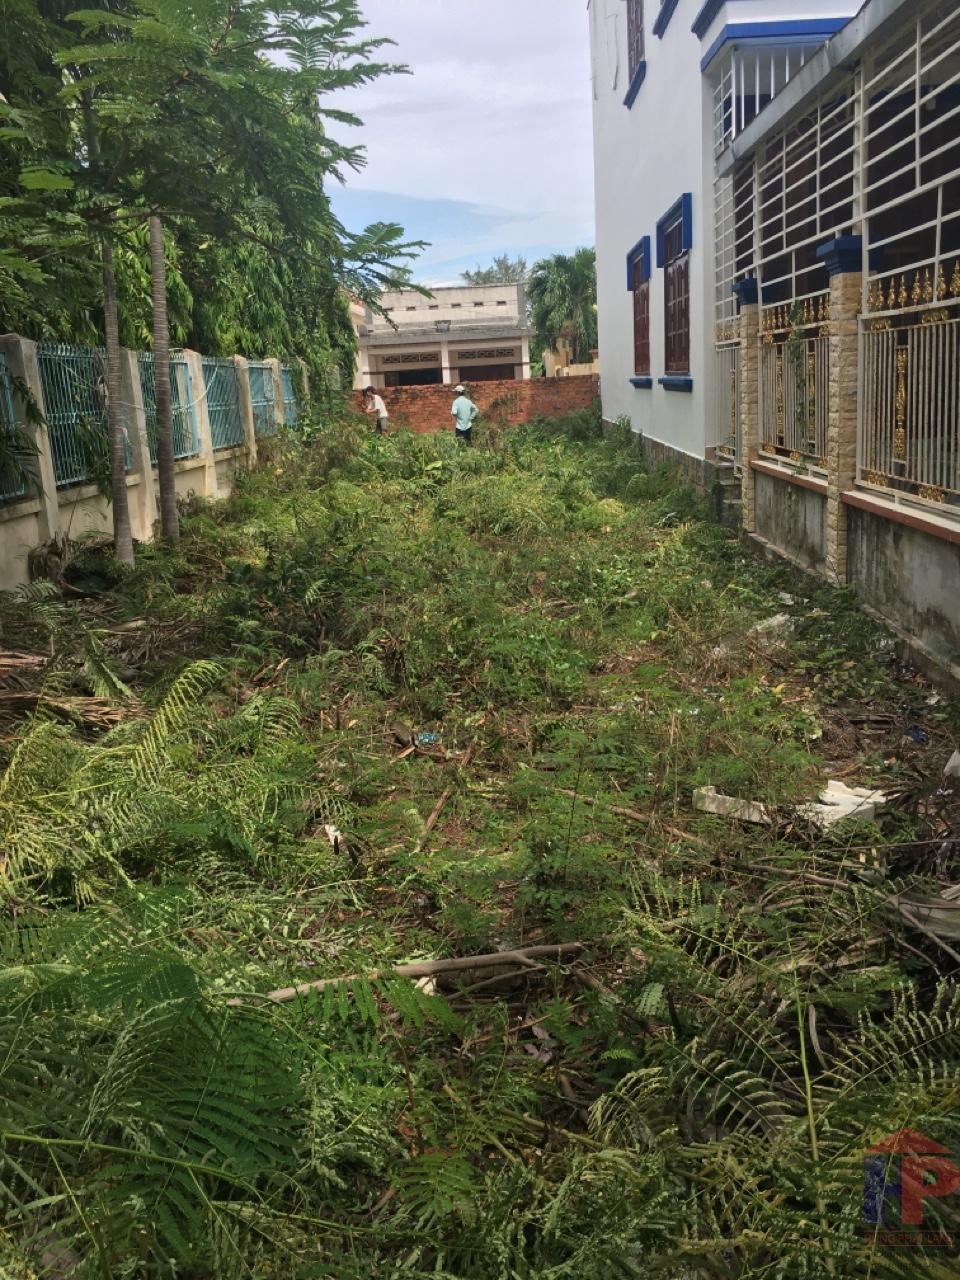 Bán miếng đất mặt tiền đường Duyên Hải trung tâm thị trấn Cần Thạnh DT 6,5 x 30 Giá 7.5 tỷ LH 0913.999.003